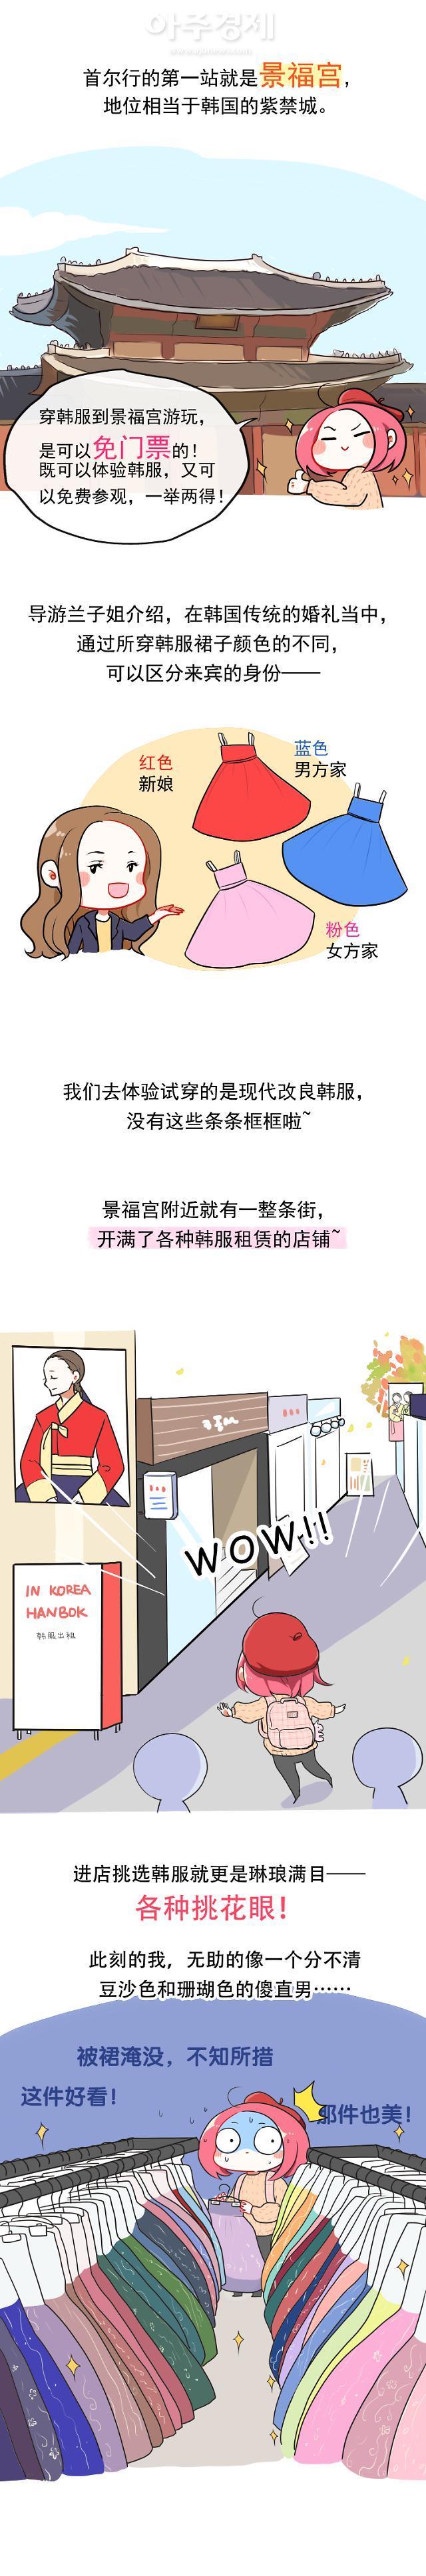 [서울은 지금 크리에이터中] 만화가 샤Dora(夏Dora)의 서울여행 에피소드1.경복궁 편